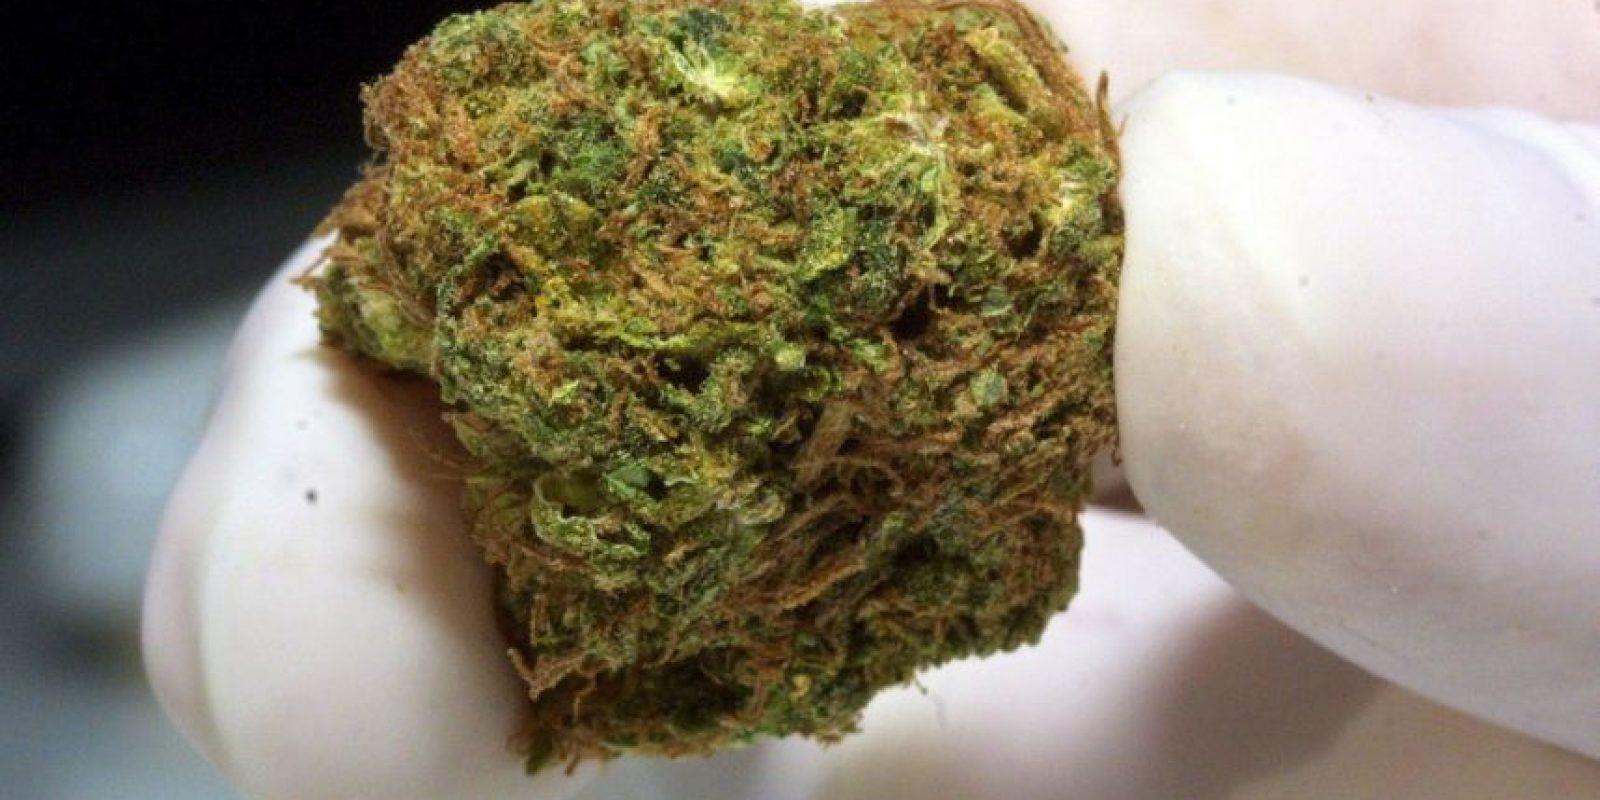 Dichas galletas tienen una concentración menor de marihuana. Foto:Getty